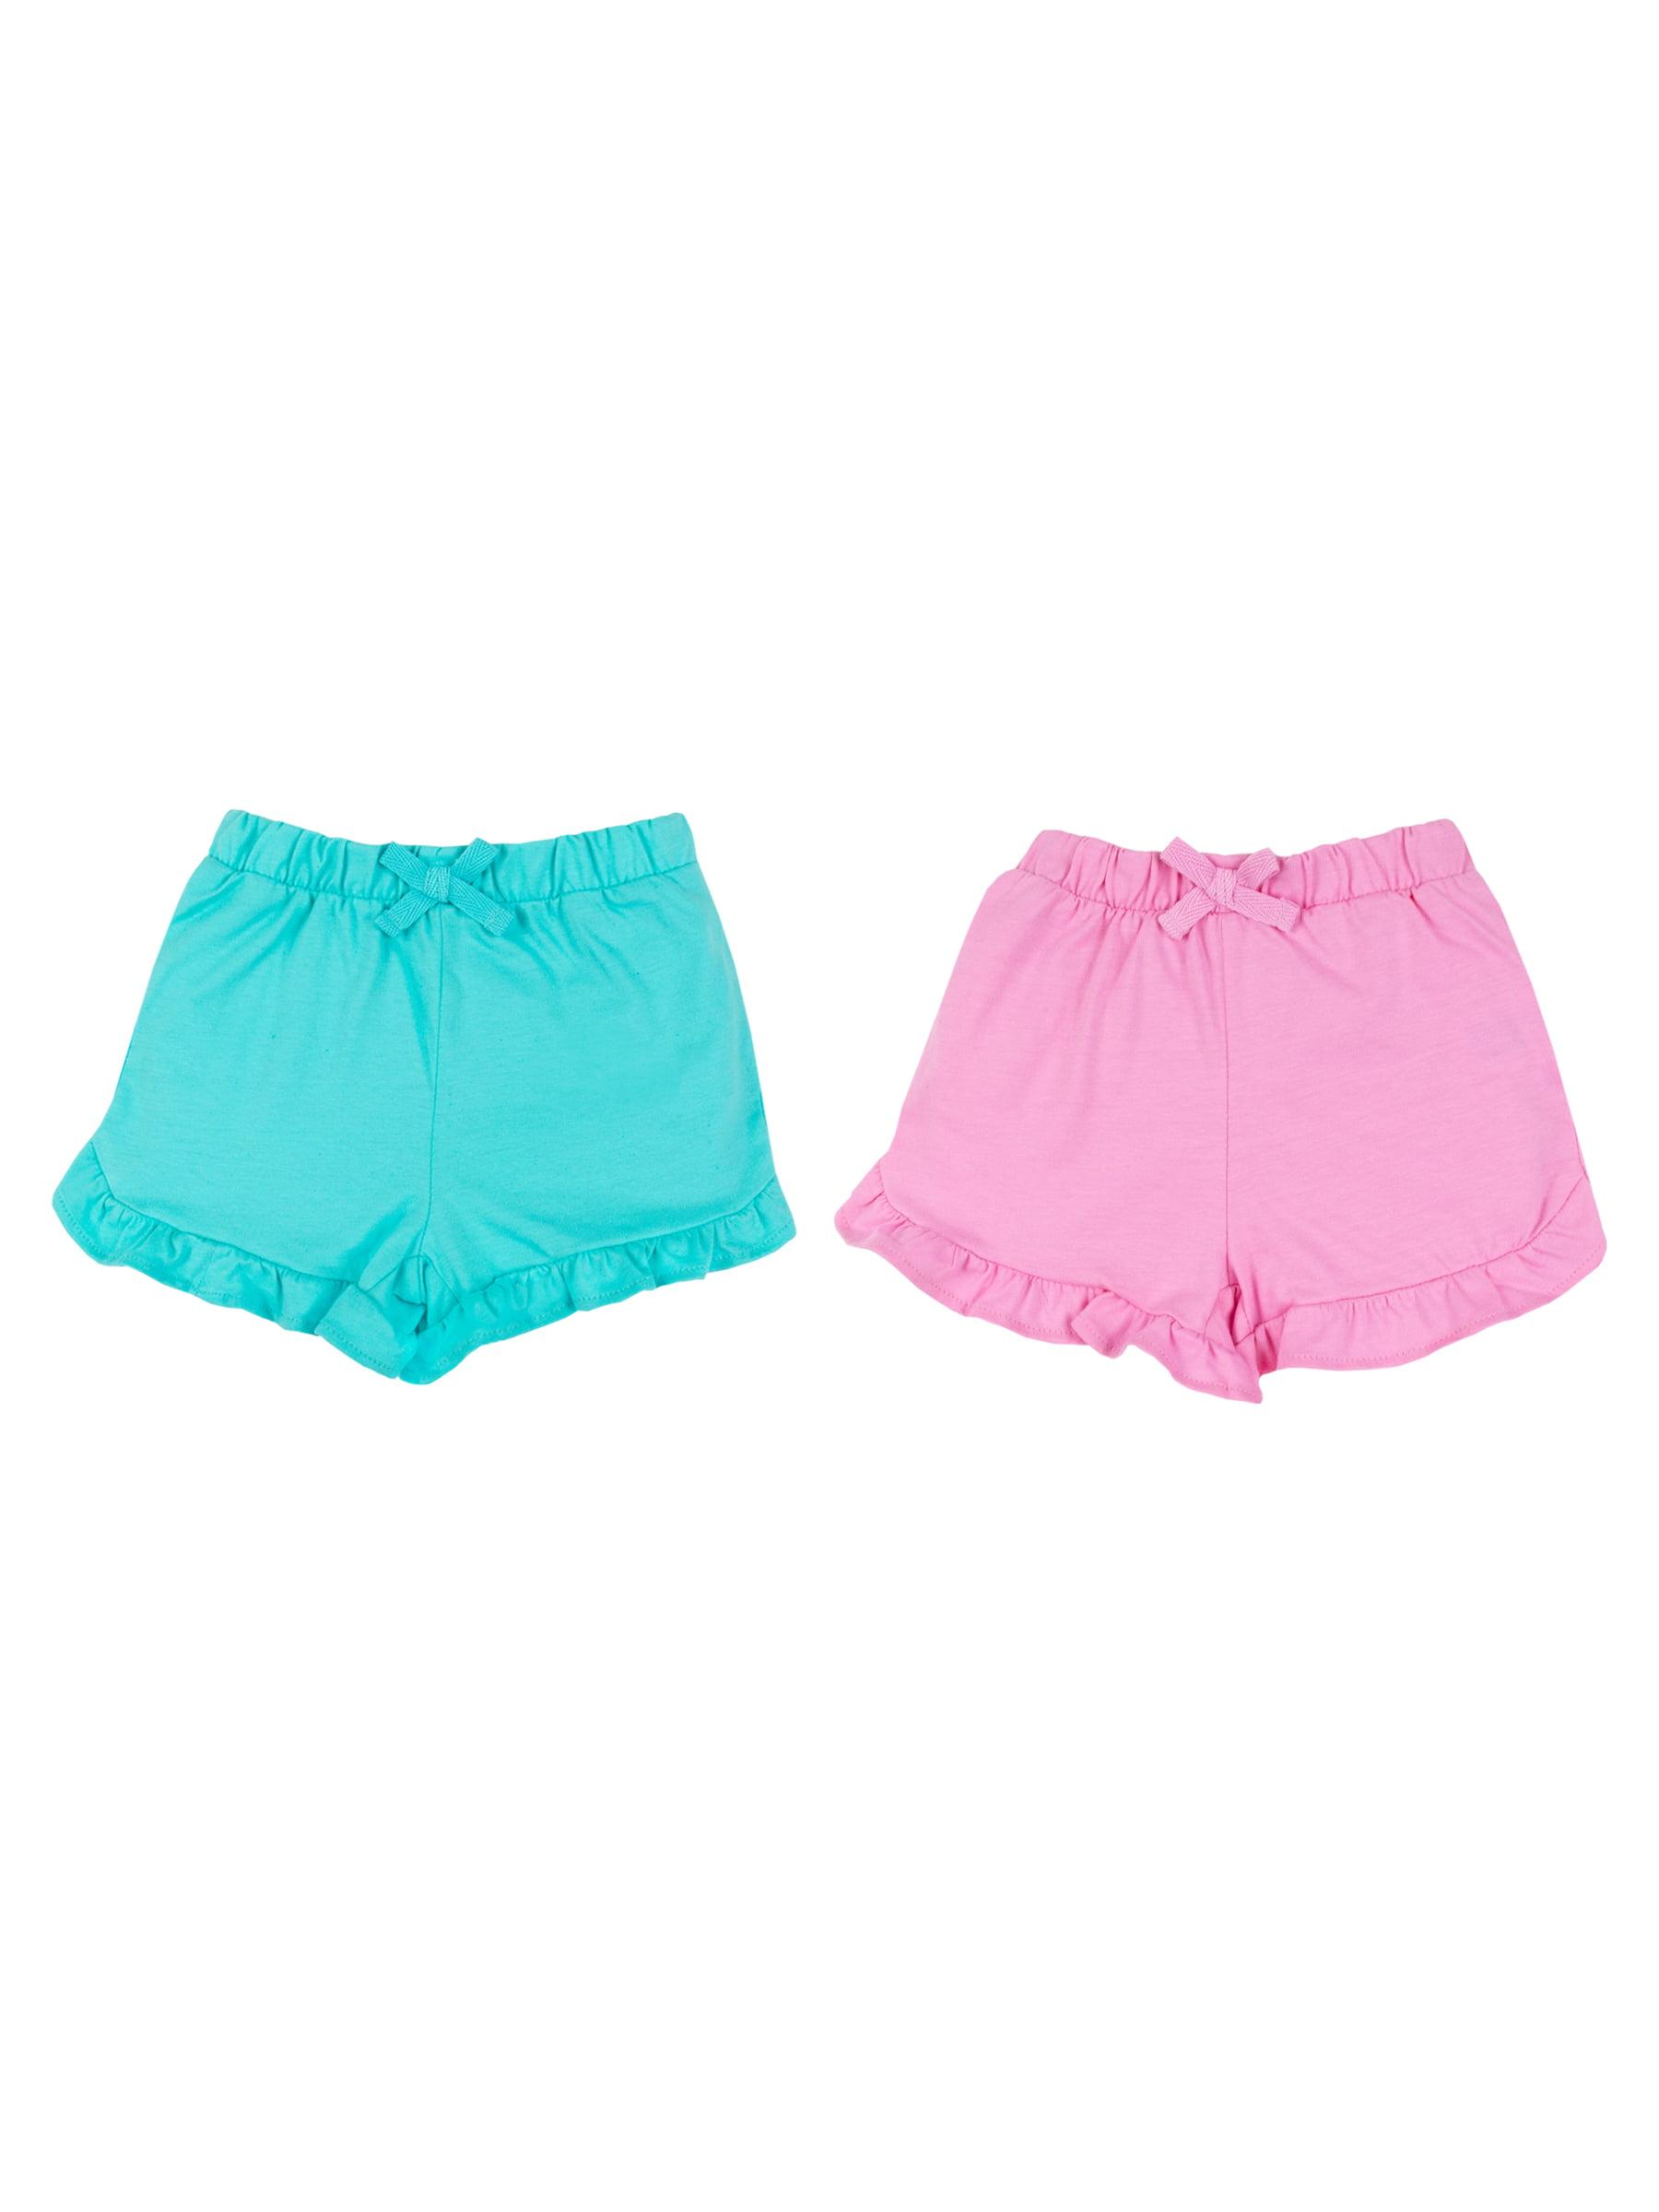 100% Organic Cotton Ruffle Knit Shorts, 2-pack (Baby Girls)